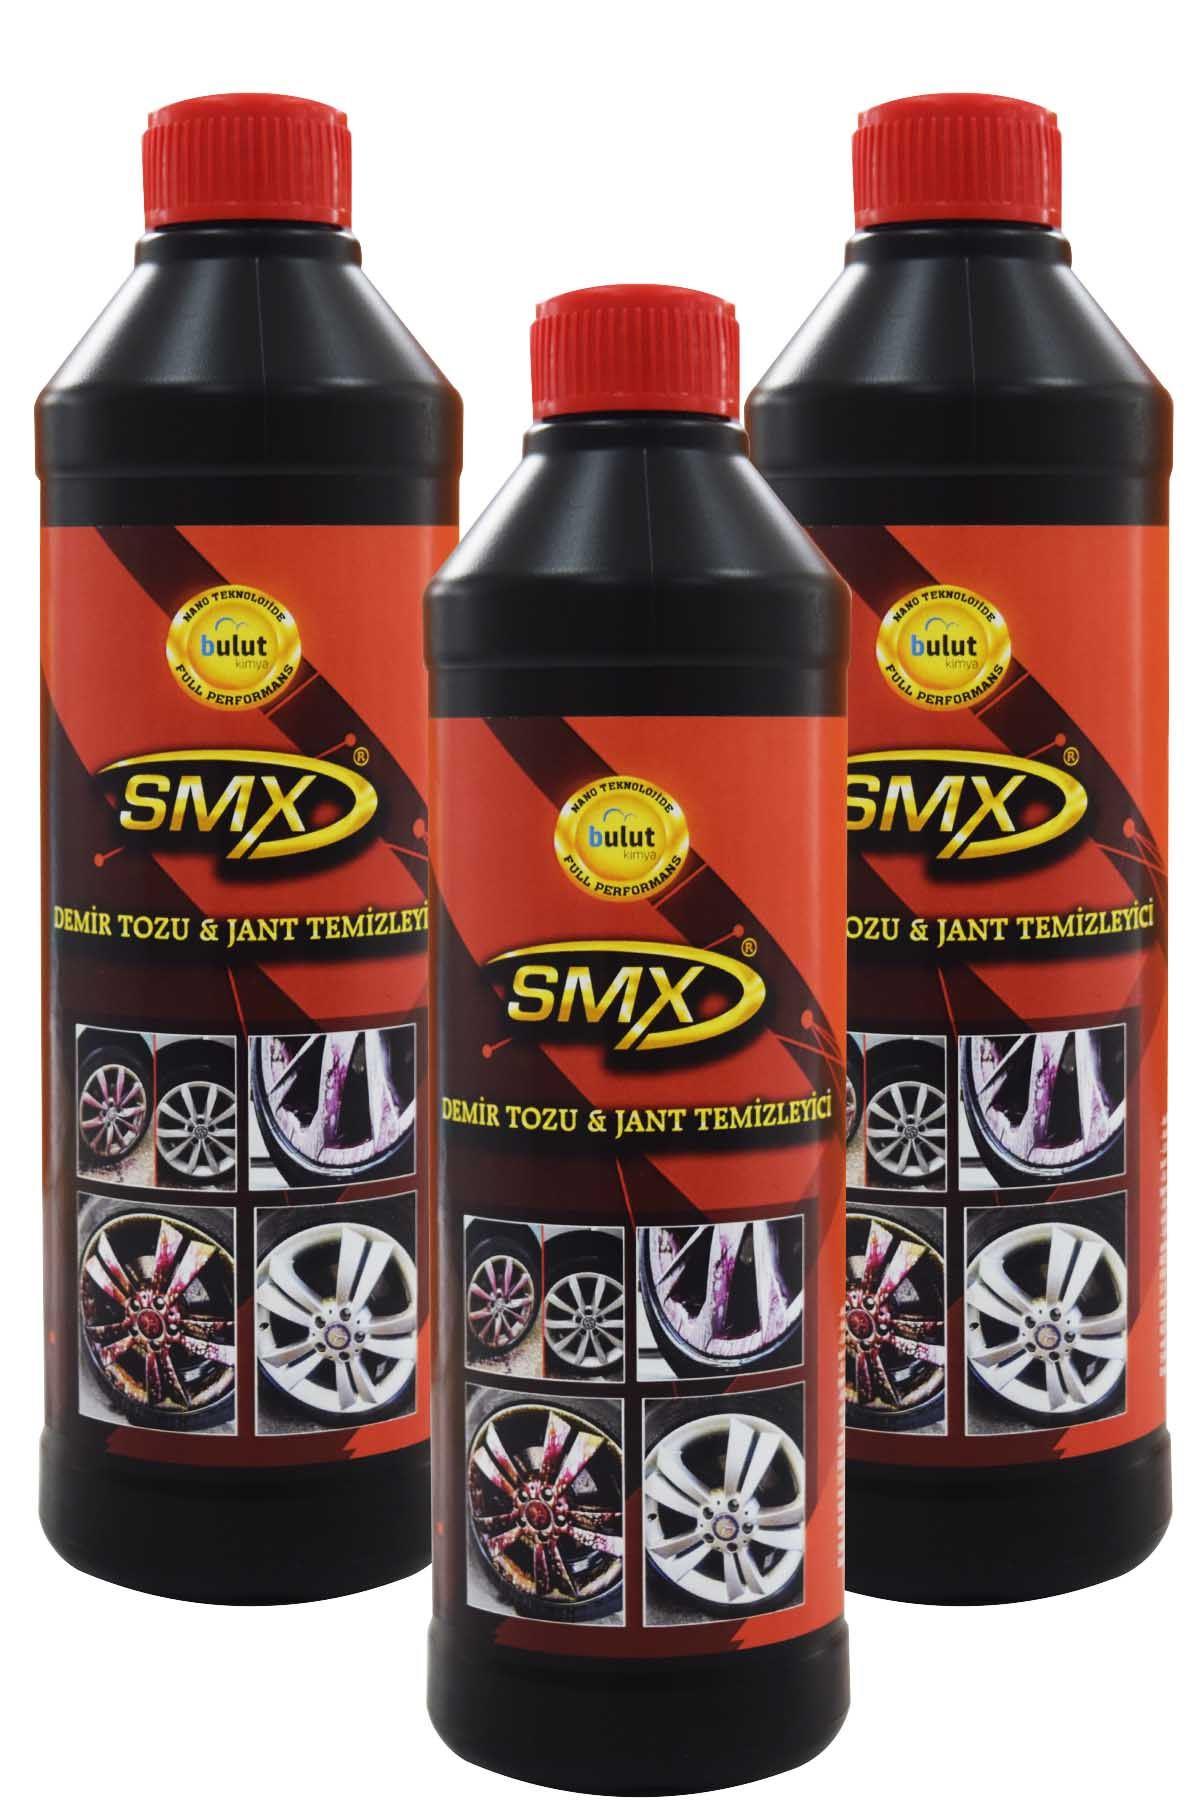 SMX Demir Tozu / Jant Temizleyici 3 Adet (3x500 ML)